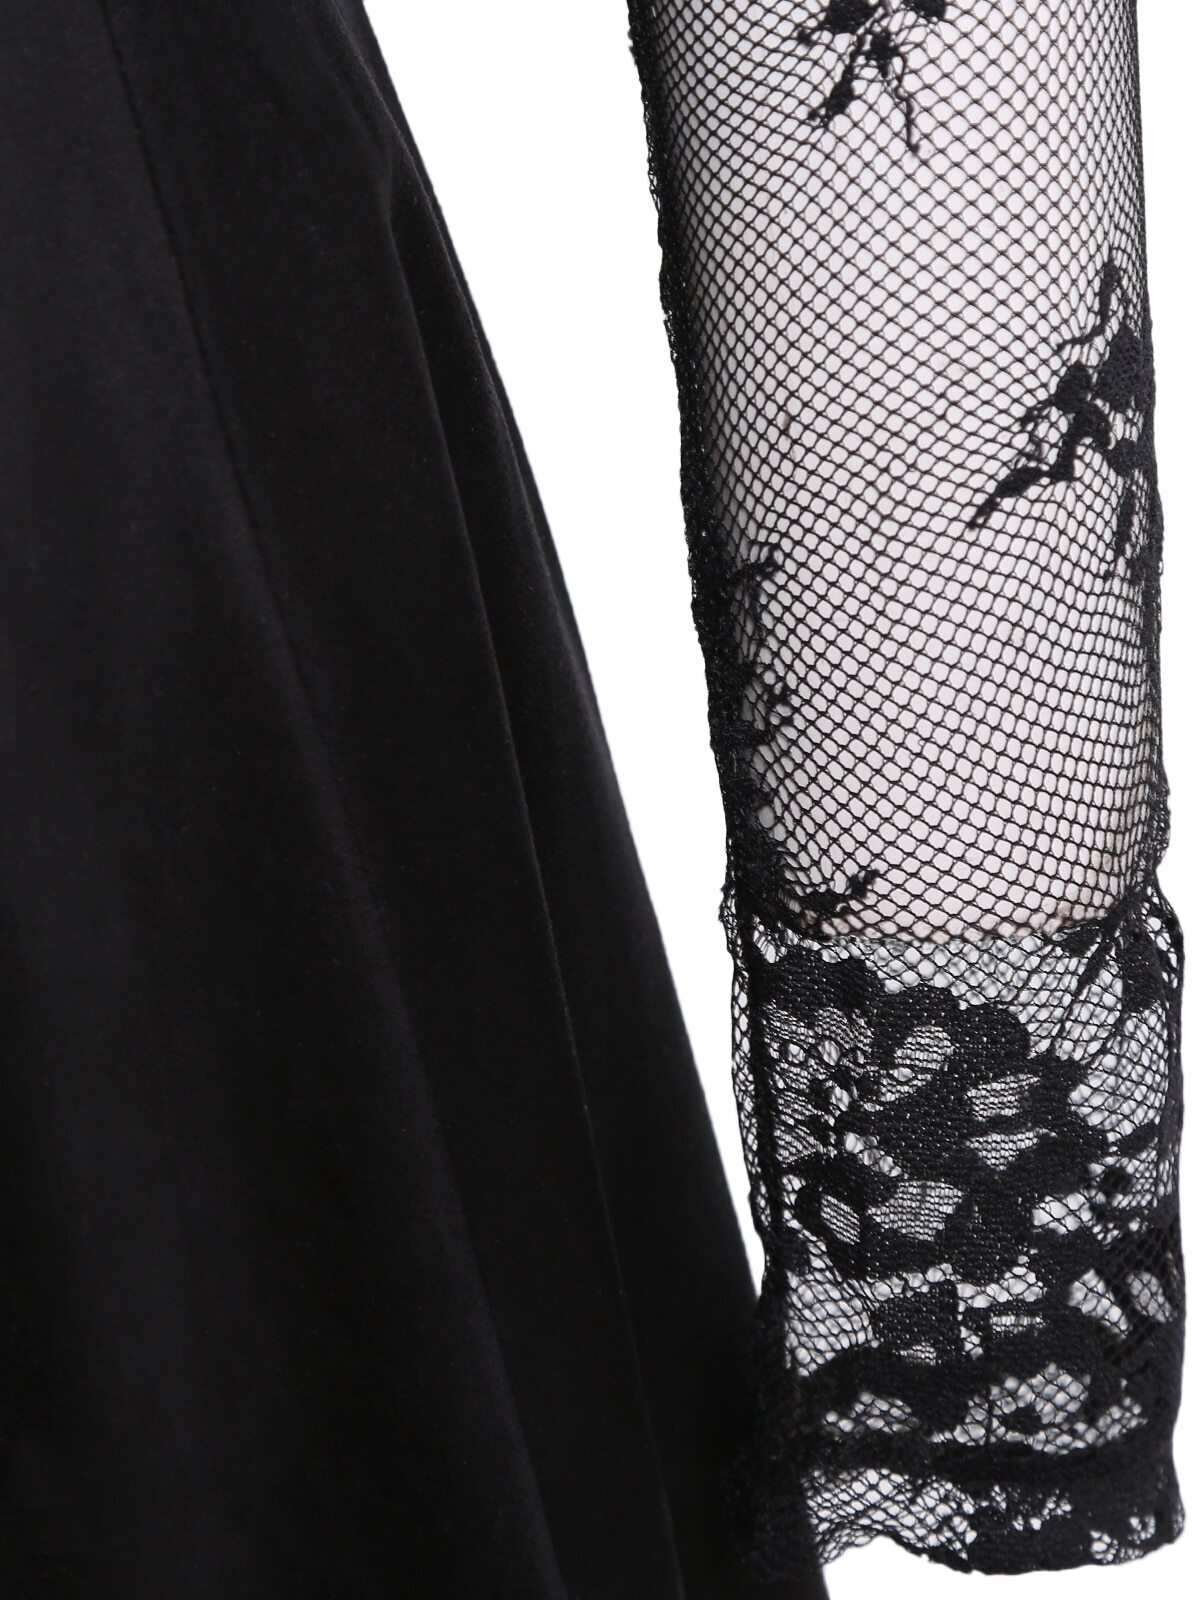 spitzenkleid langarm mit faltenrock schwarz german shein sheinside. Black Bedroom Furniture Sets. Home Design Ideas